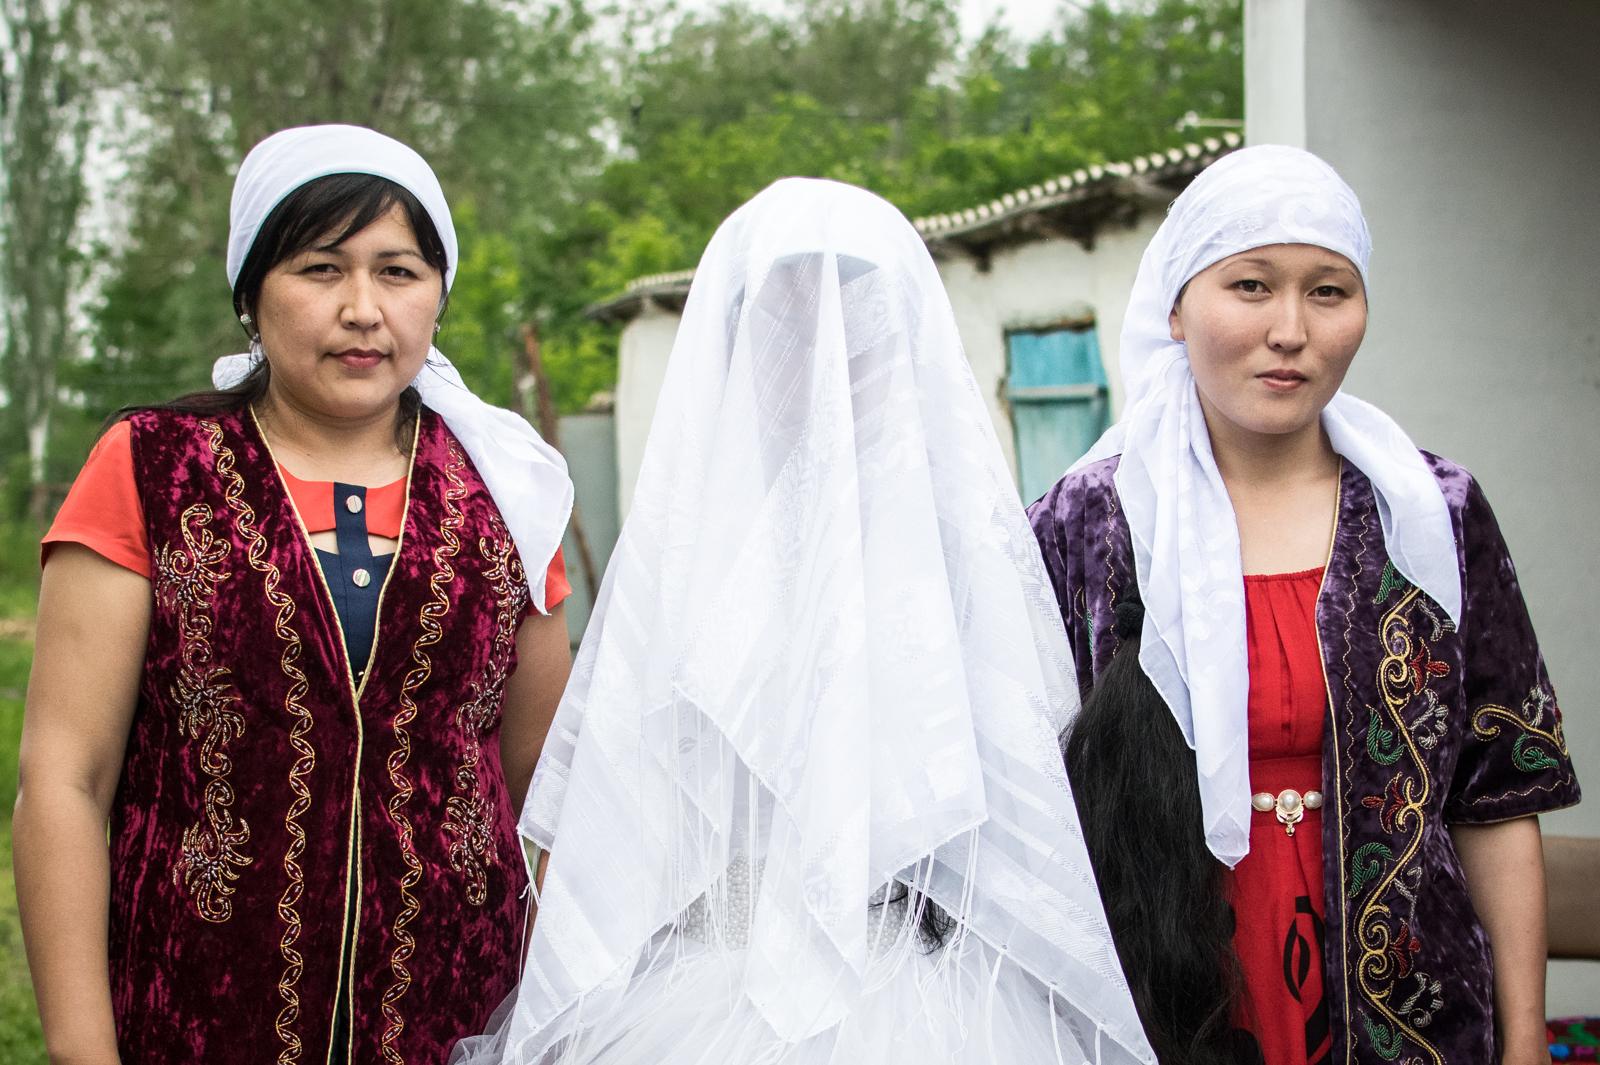 La future mariée entourée de ses belles-soeurs. Selon la tradition kazakhe, une fois mariée, l'épouse abandonne sa famille pour entrer dans celle de son mari. Elle se retrouve alors au bas d'une hiérarchie composée de la gente fémine de sa belle-famille. Au sommet de celle-ci, se place la belle-mère.